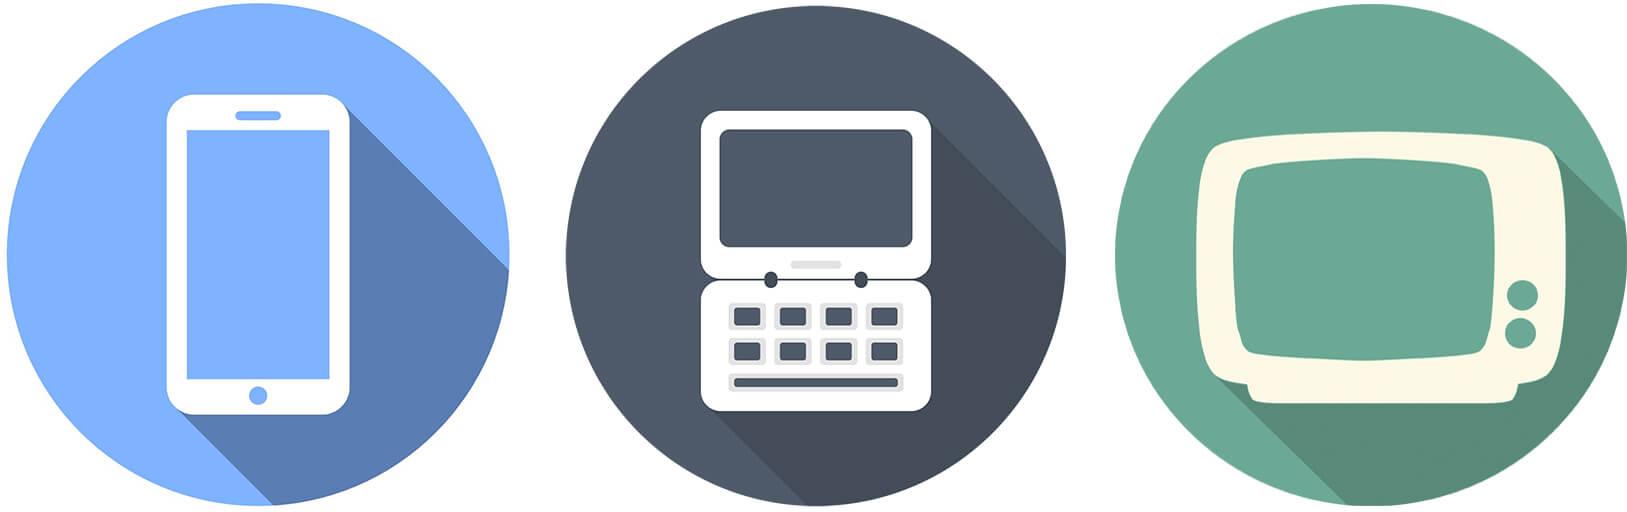 Защита данных на смартфоне, компьютере, Smart TV